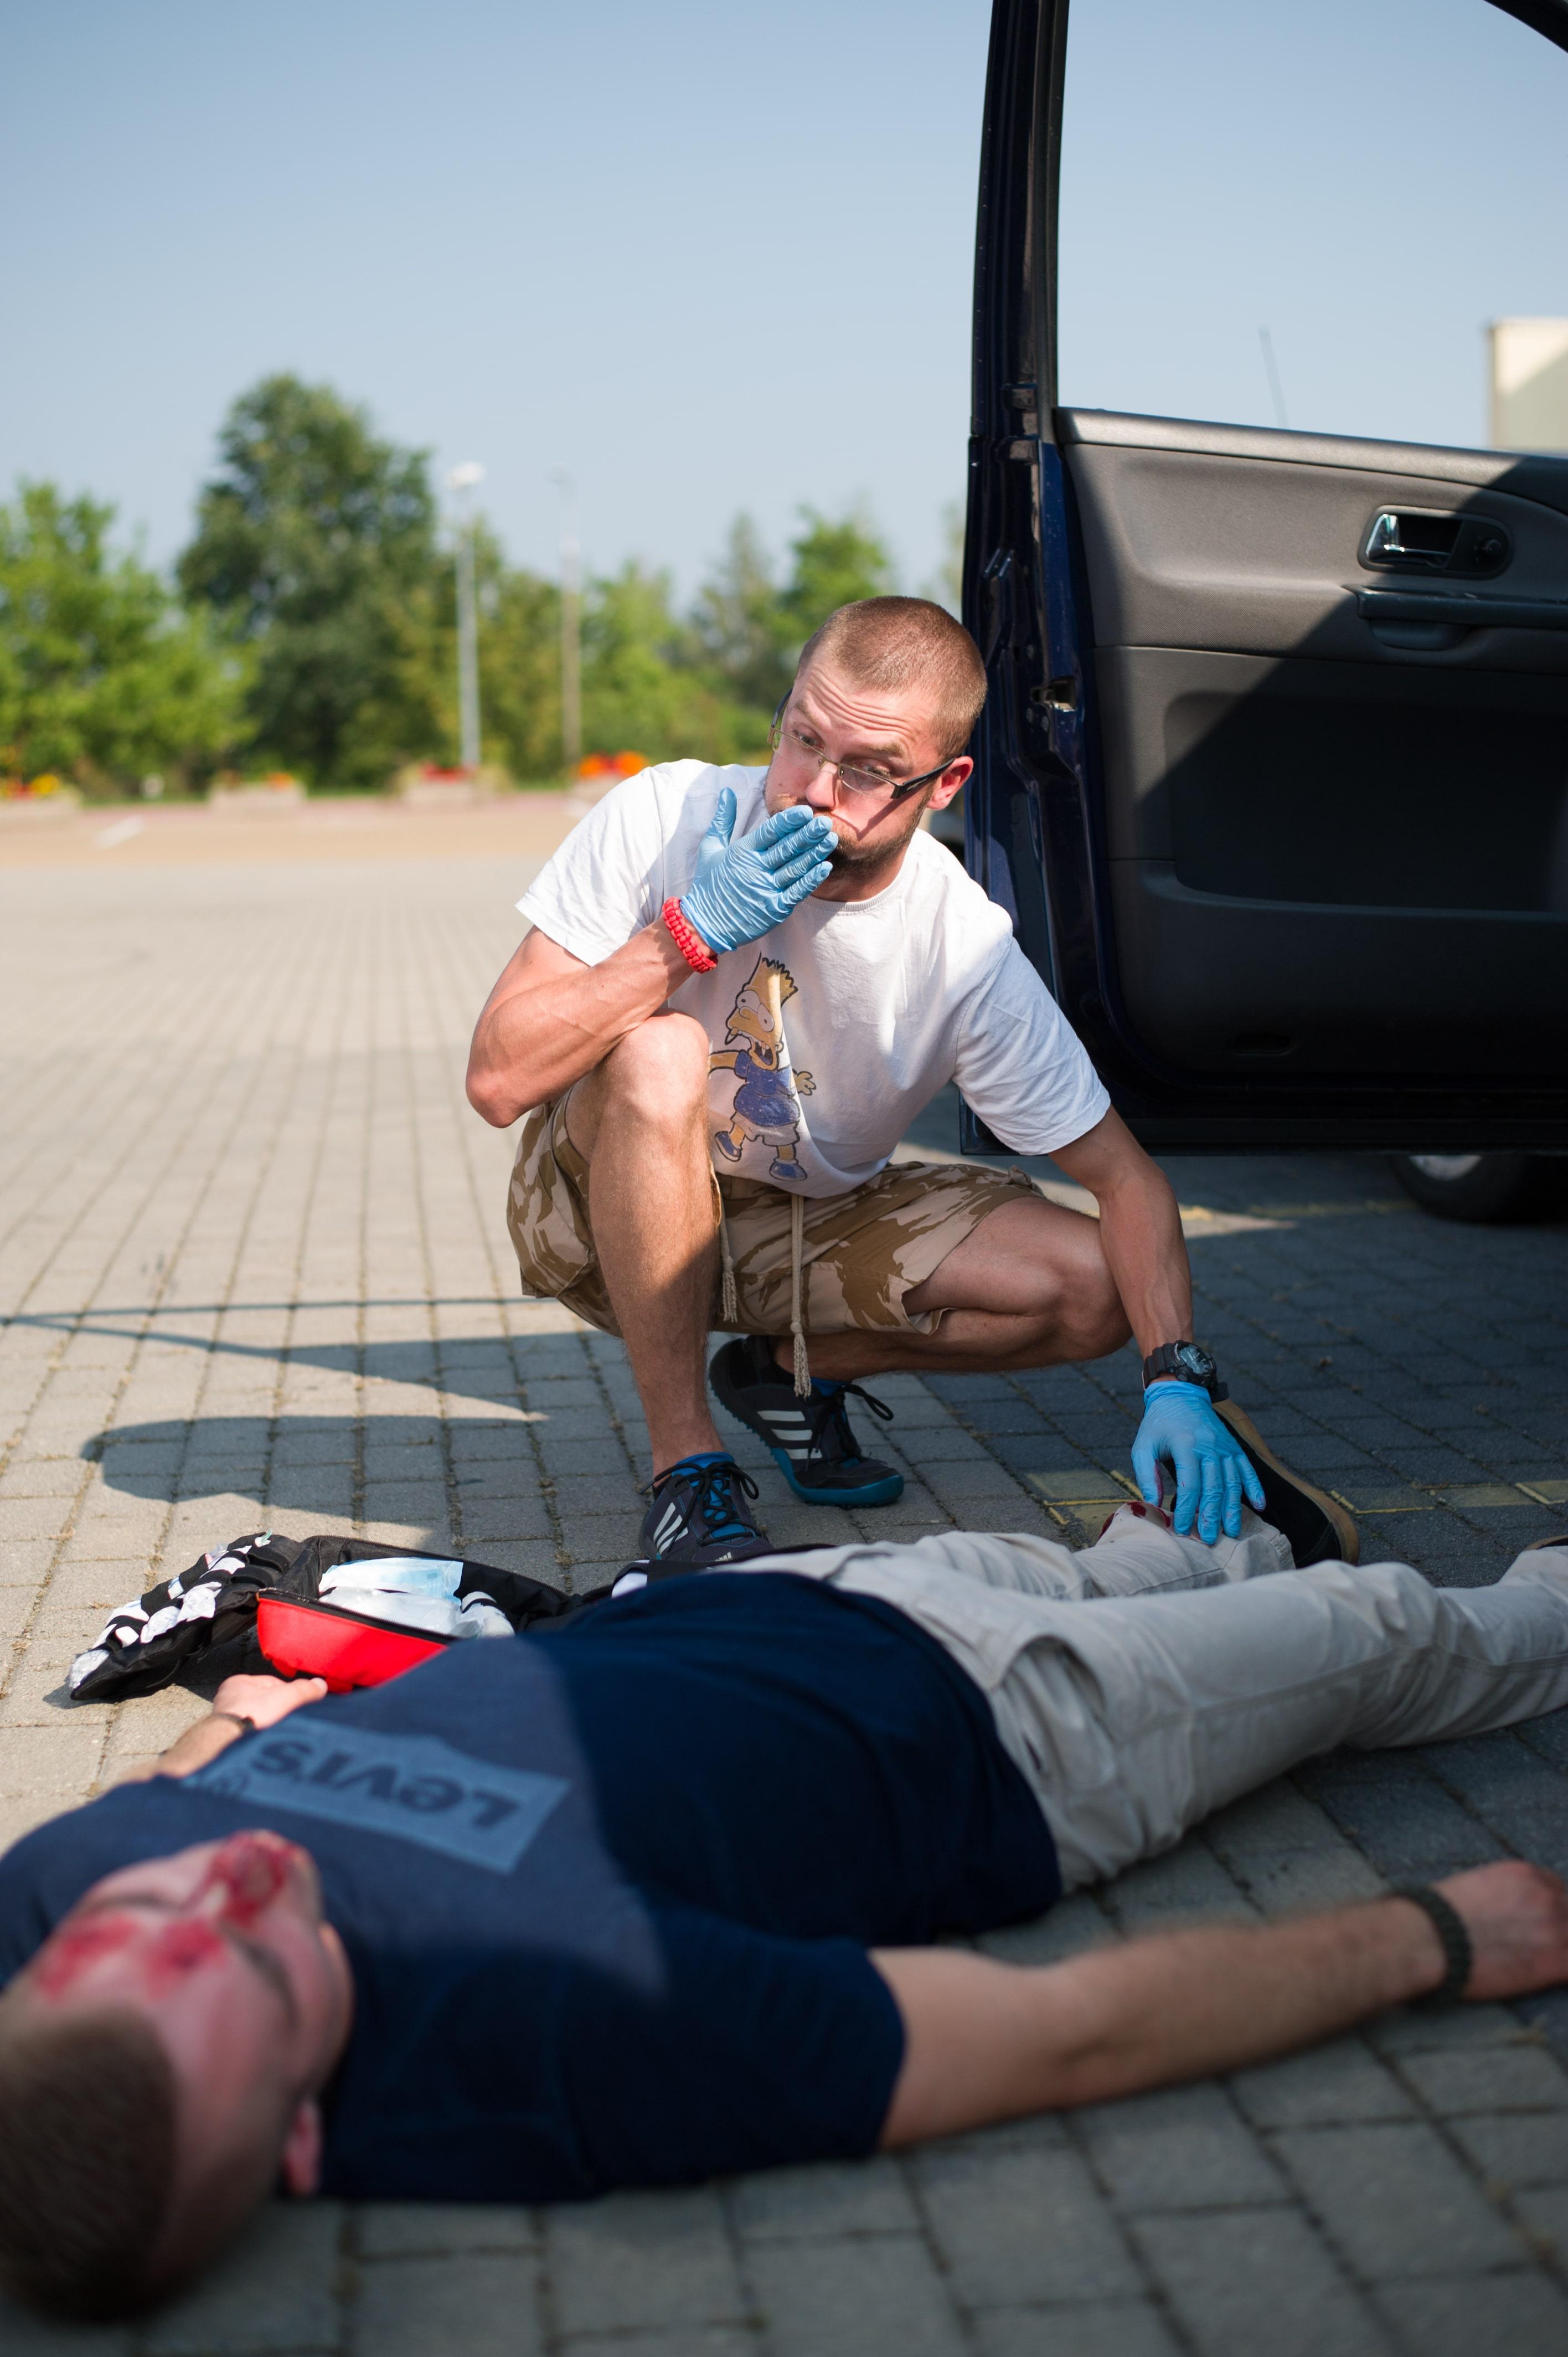 emocje pierwszej pomocy, wypadek samochodowy, apteczka pierwszej pomocy